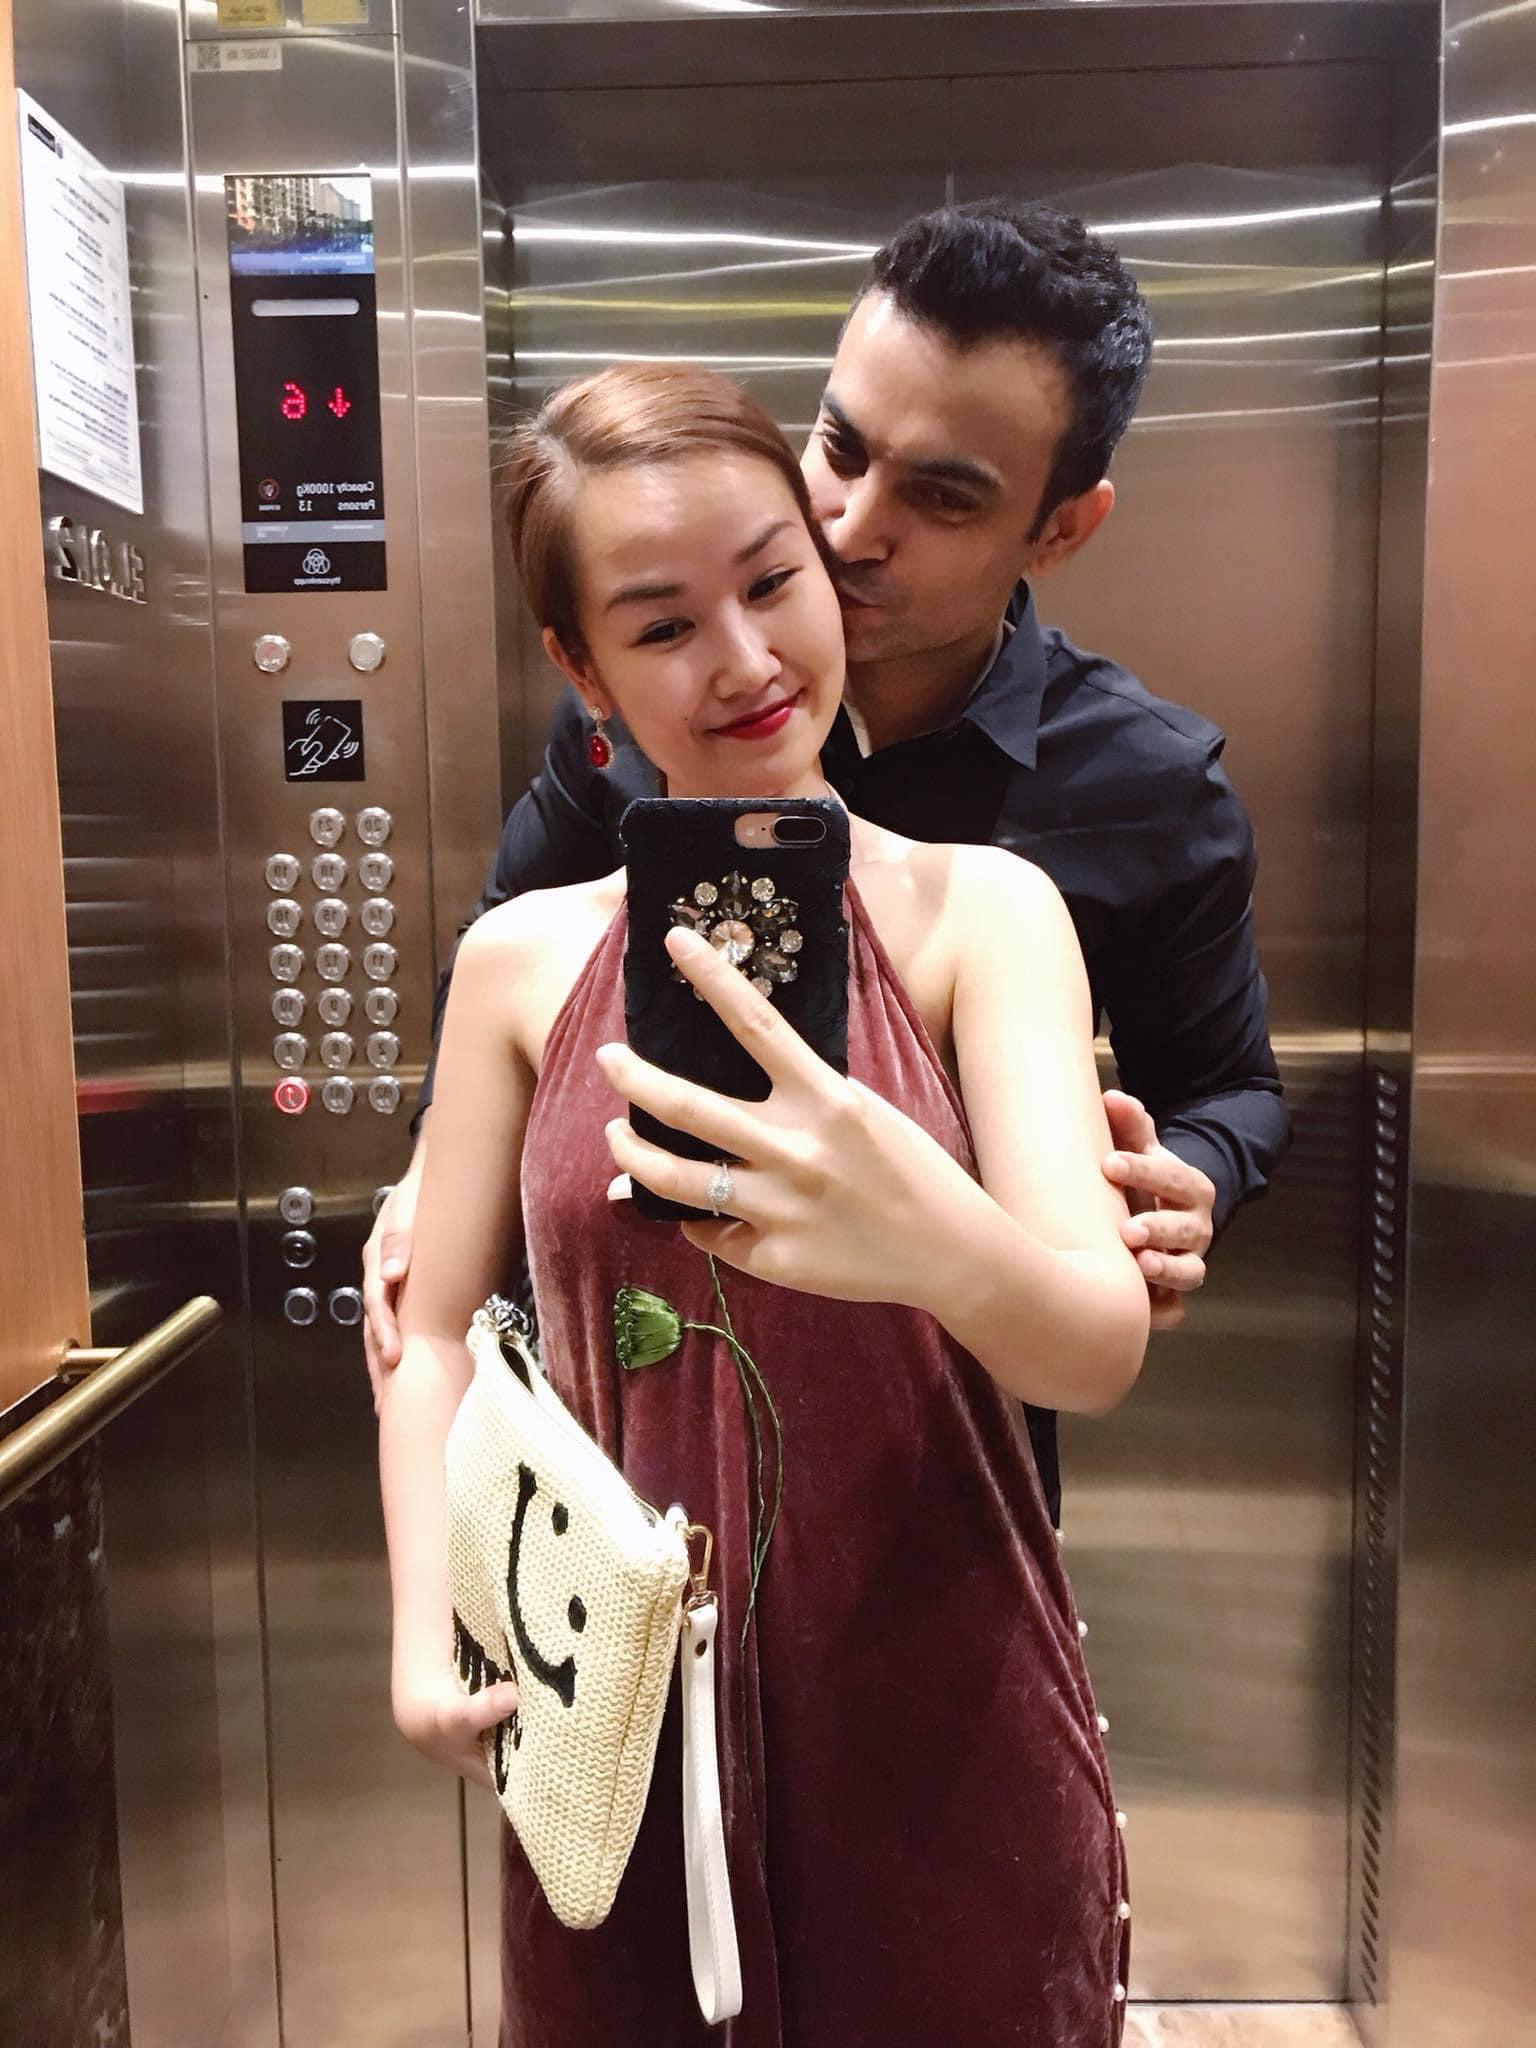 Góc khuất về cuộc sống của 3 mỹ nhân Việt lấy chồng Ấn Độ - Ảnh 5.